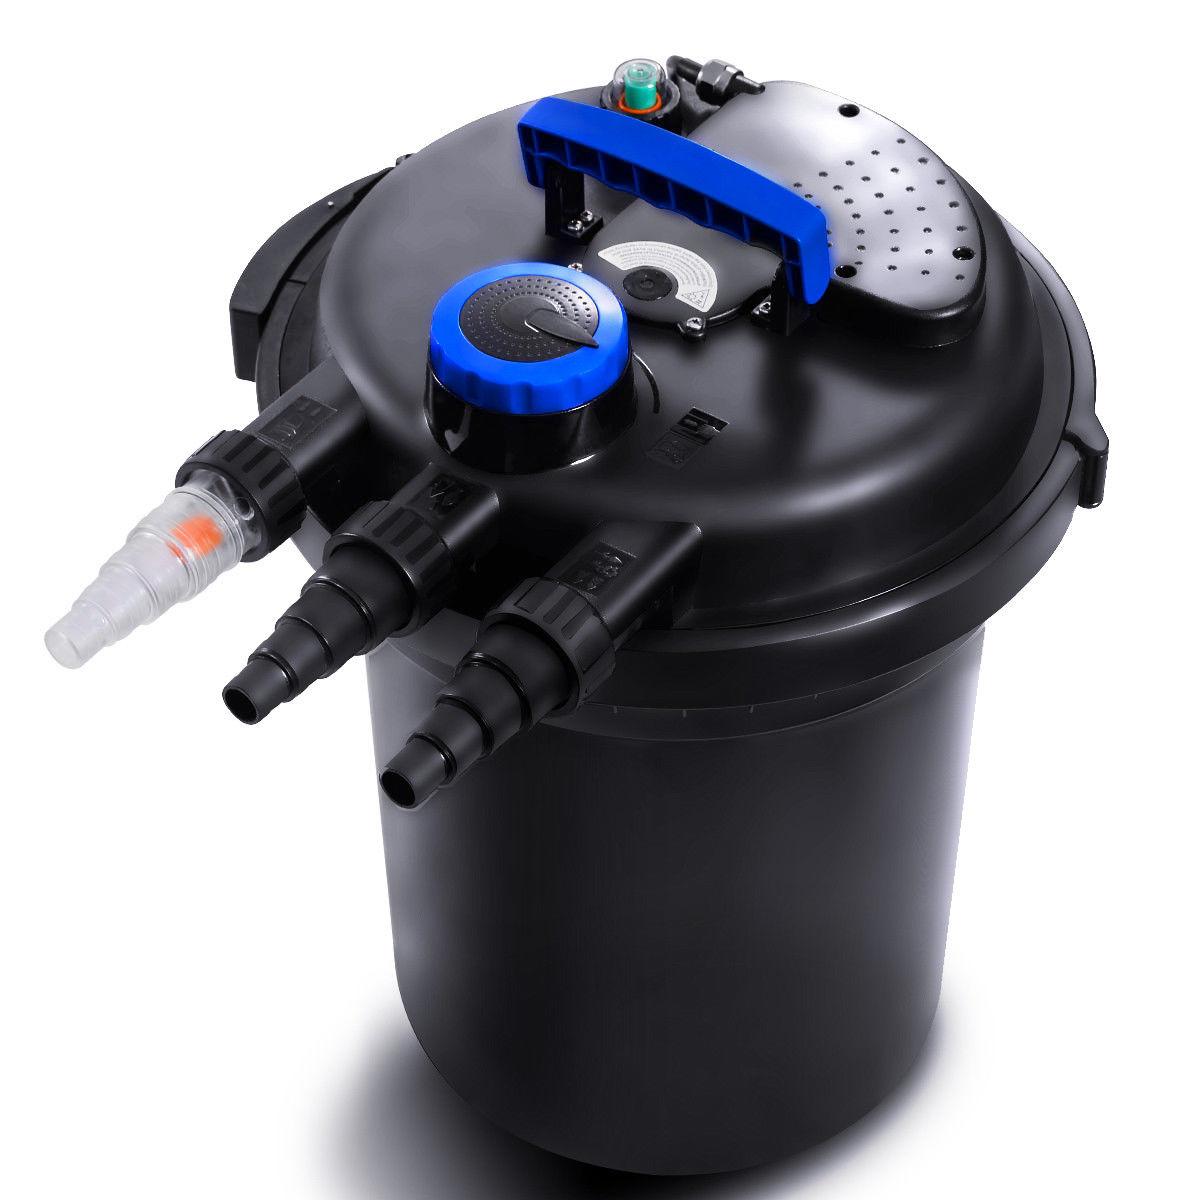 Costway Pond Pressure Bio Filter 4000GAL W/ 13W UV Sterilizer Light 10000L Koi Water